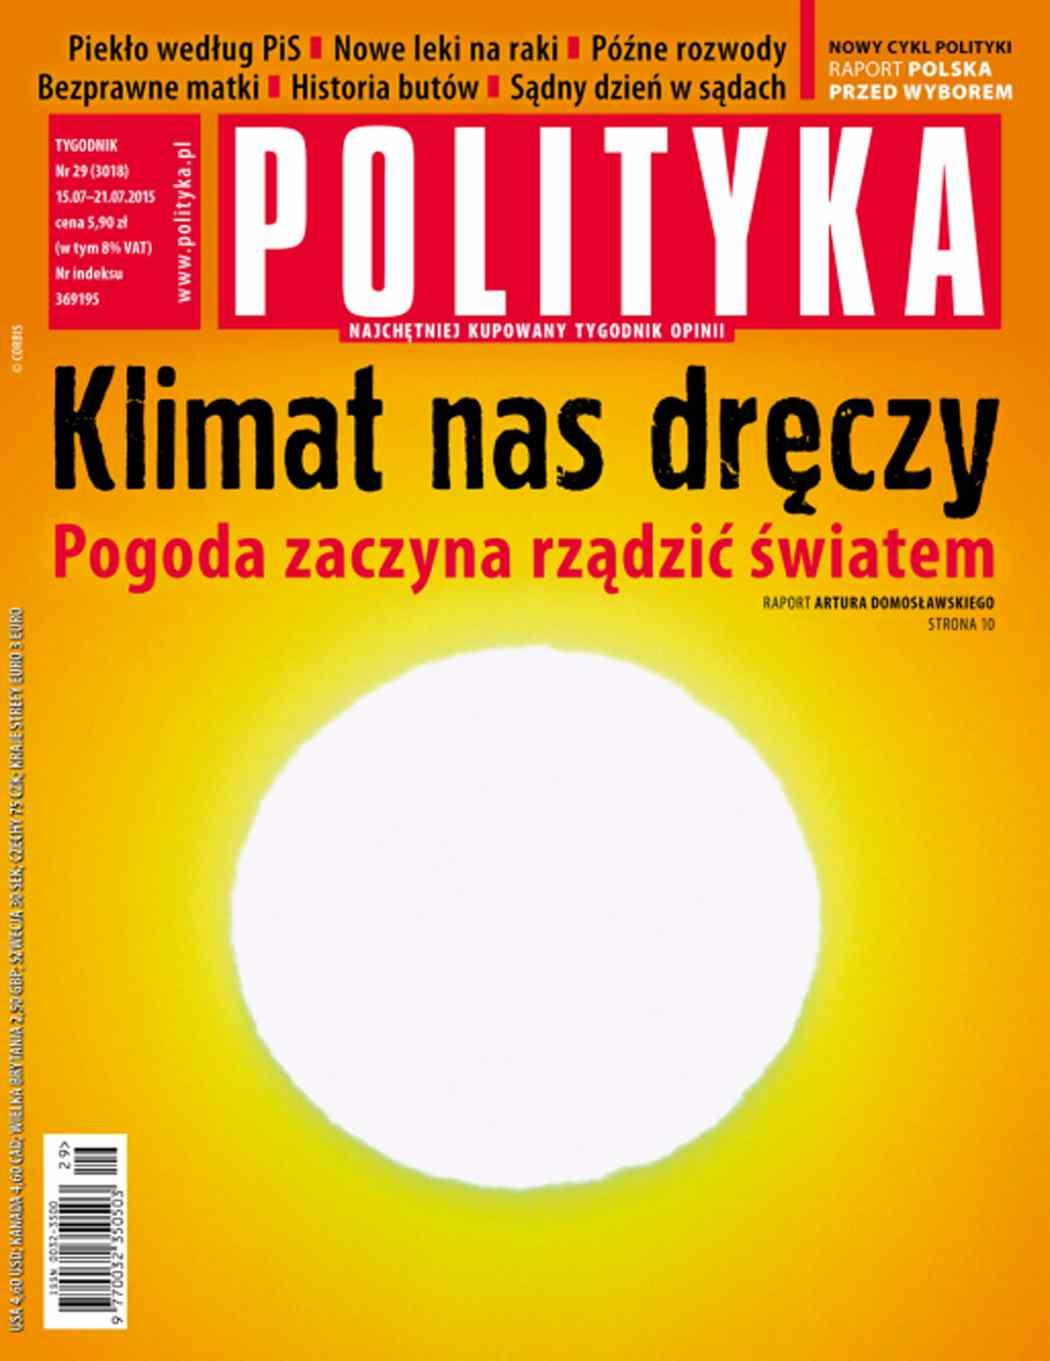 Polityka nr 29/2015 - Ebook (Książka PDF) do pobrania w formacie PDF